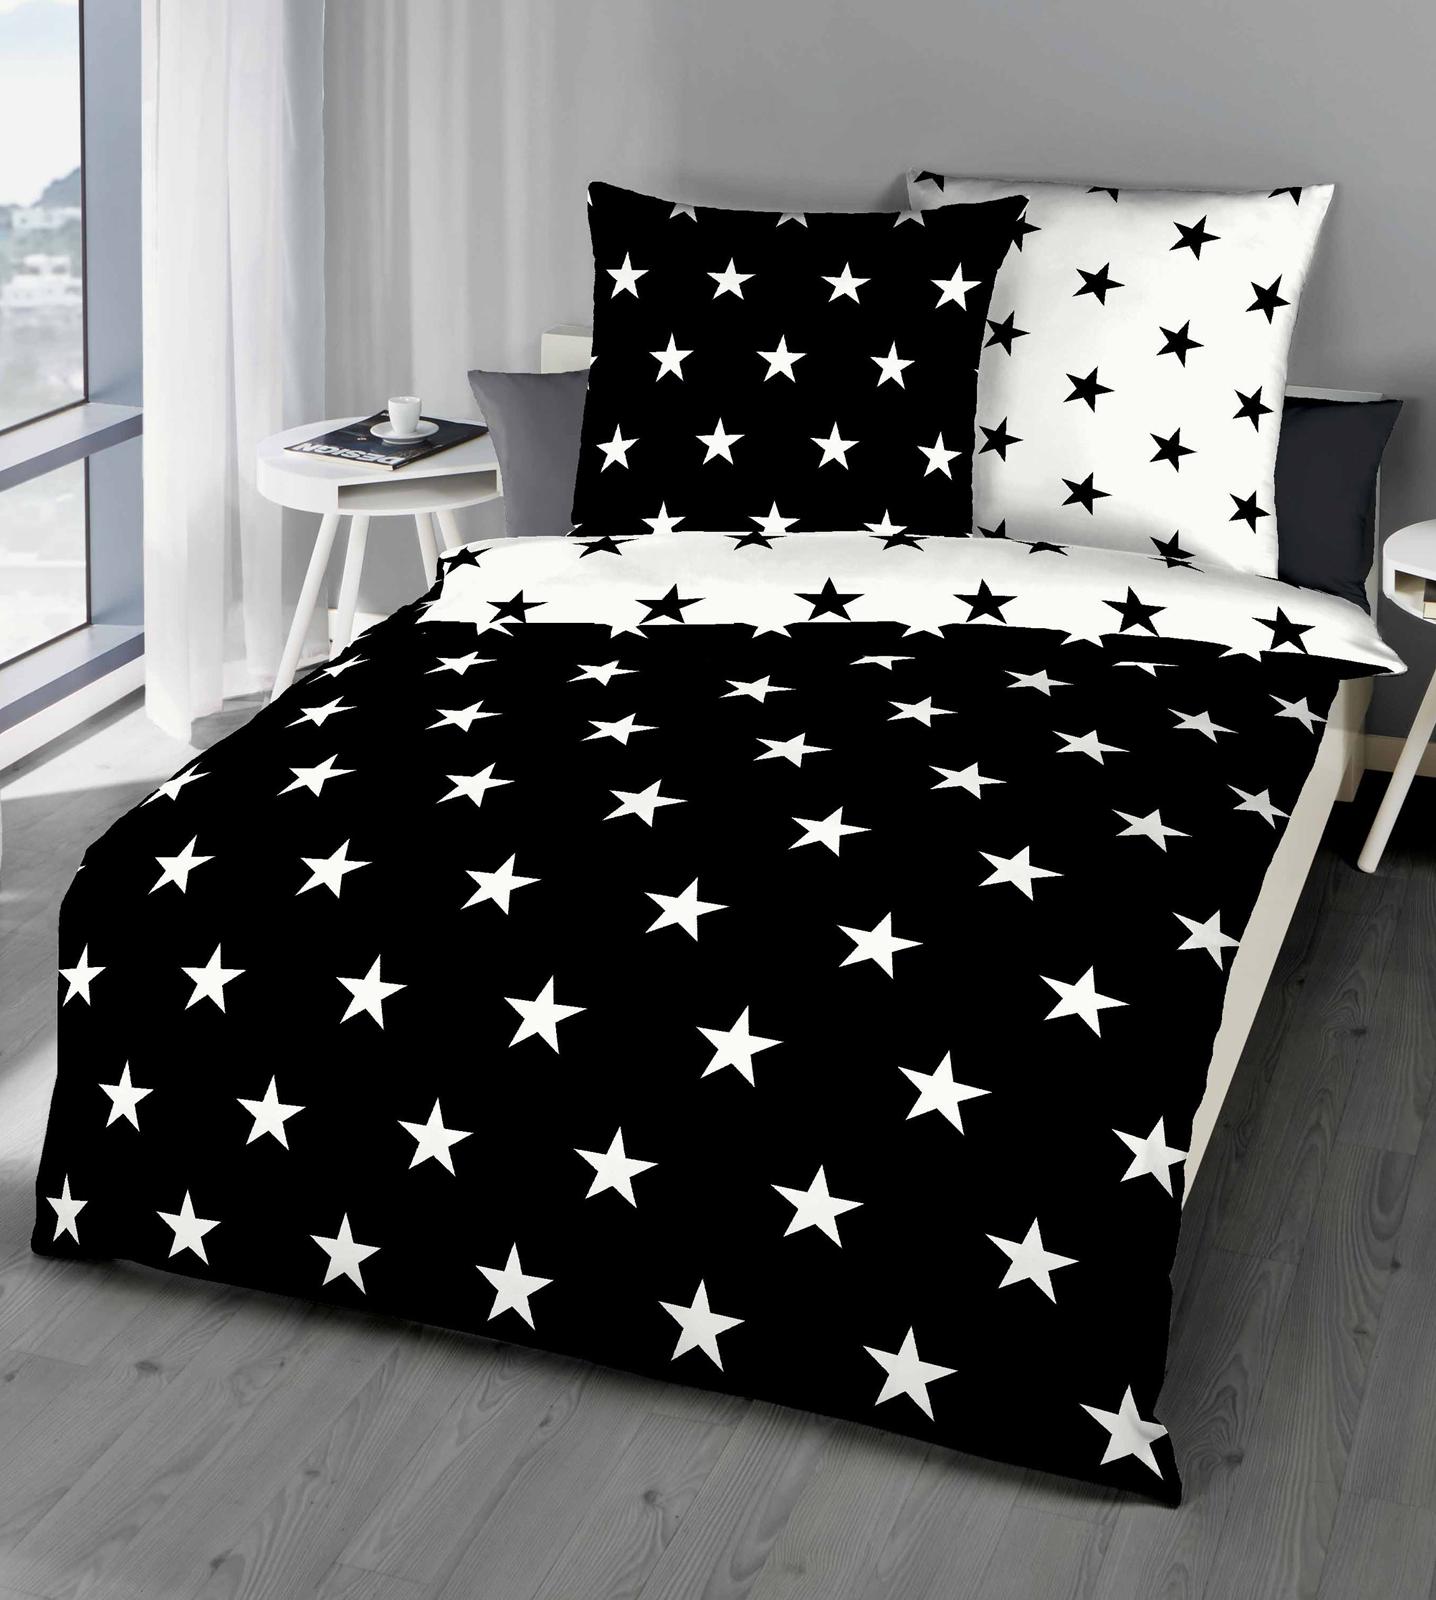 Bettwäsche - Kaeppel Mako Satin Bettwäsche Sterne 327 310 schwarz 200x200 80x80 Aufbewahrungsbeutel  - Onlineshop PremiumShop321